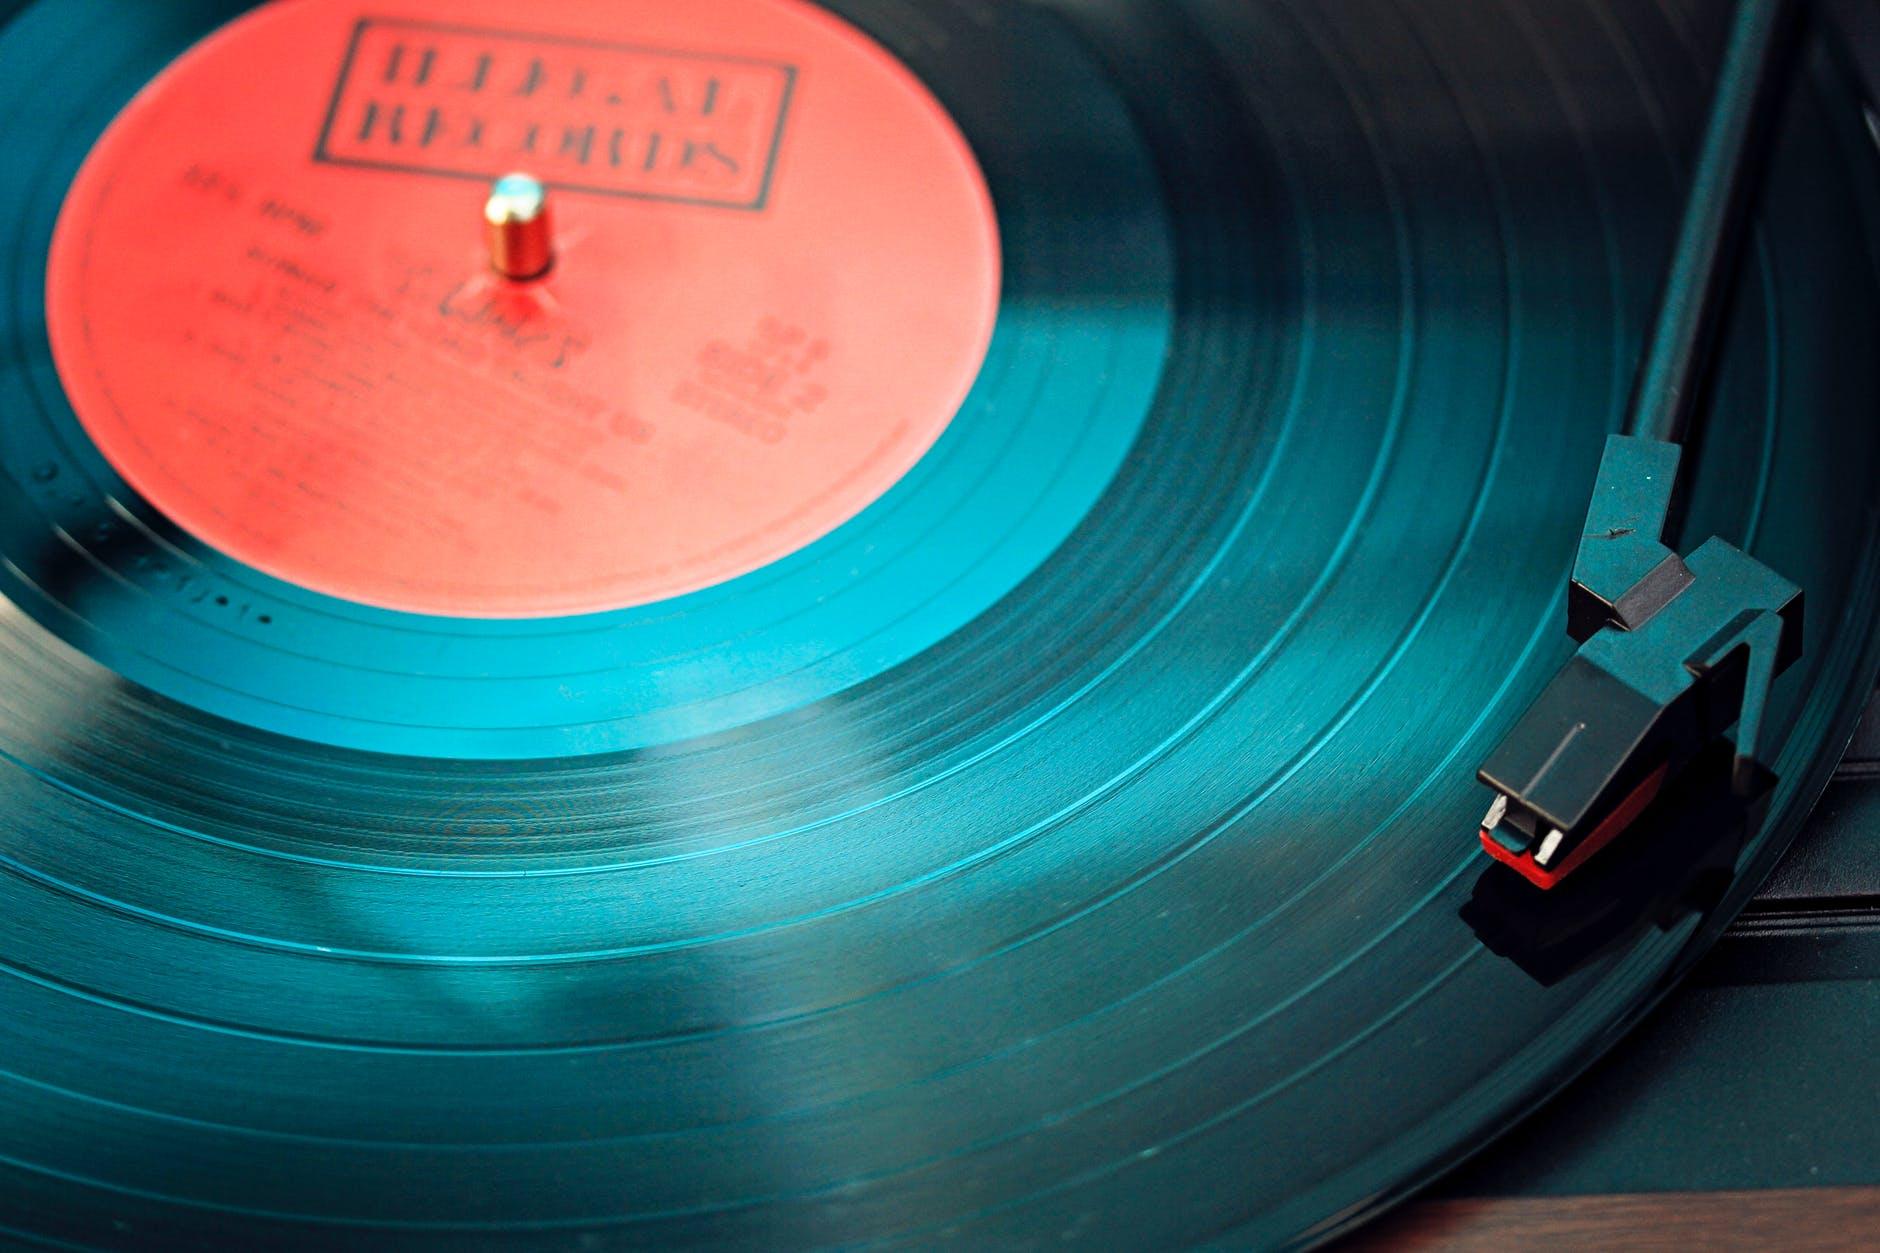 Une platine vinyle avec un disque. Les chats aiment la musique composée pour eux